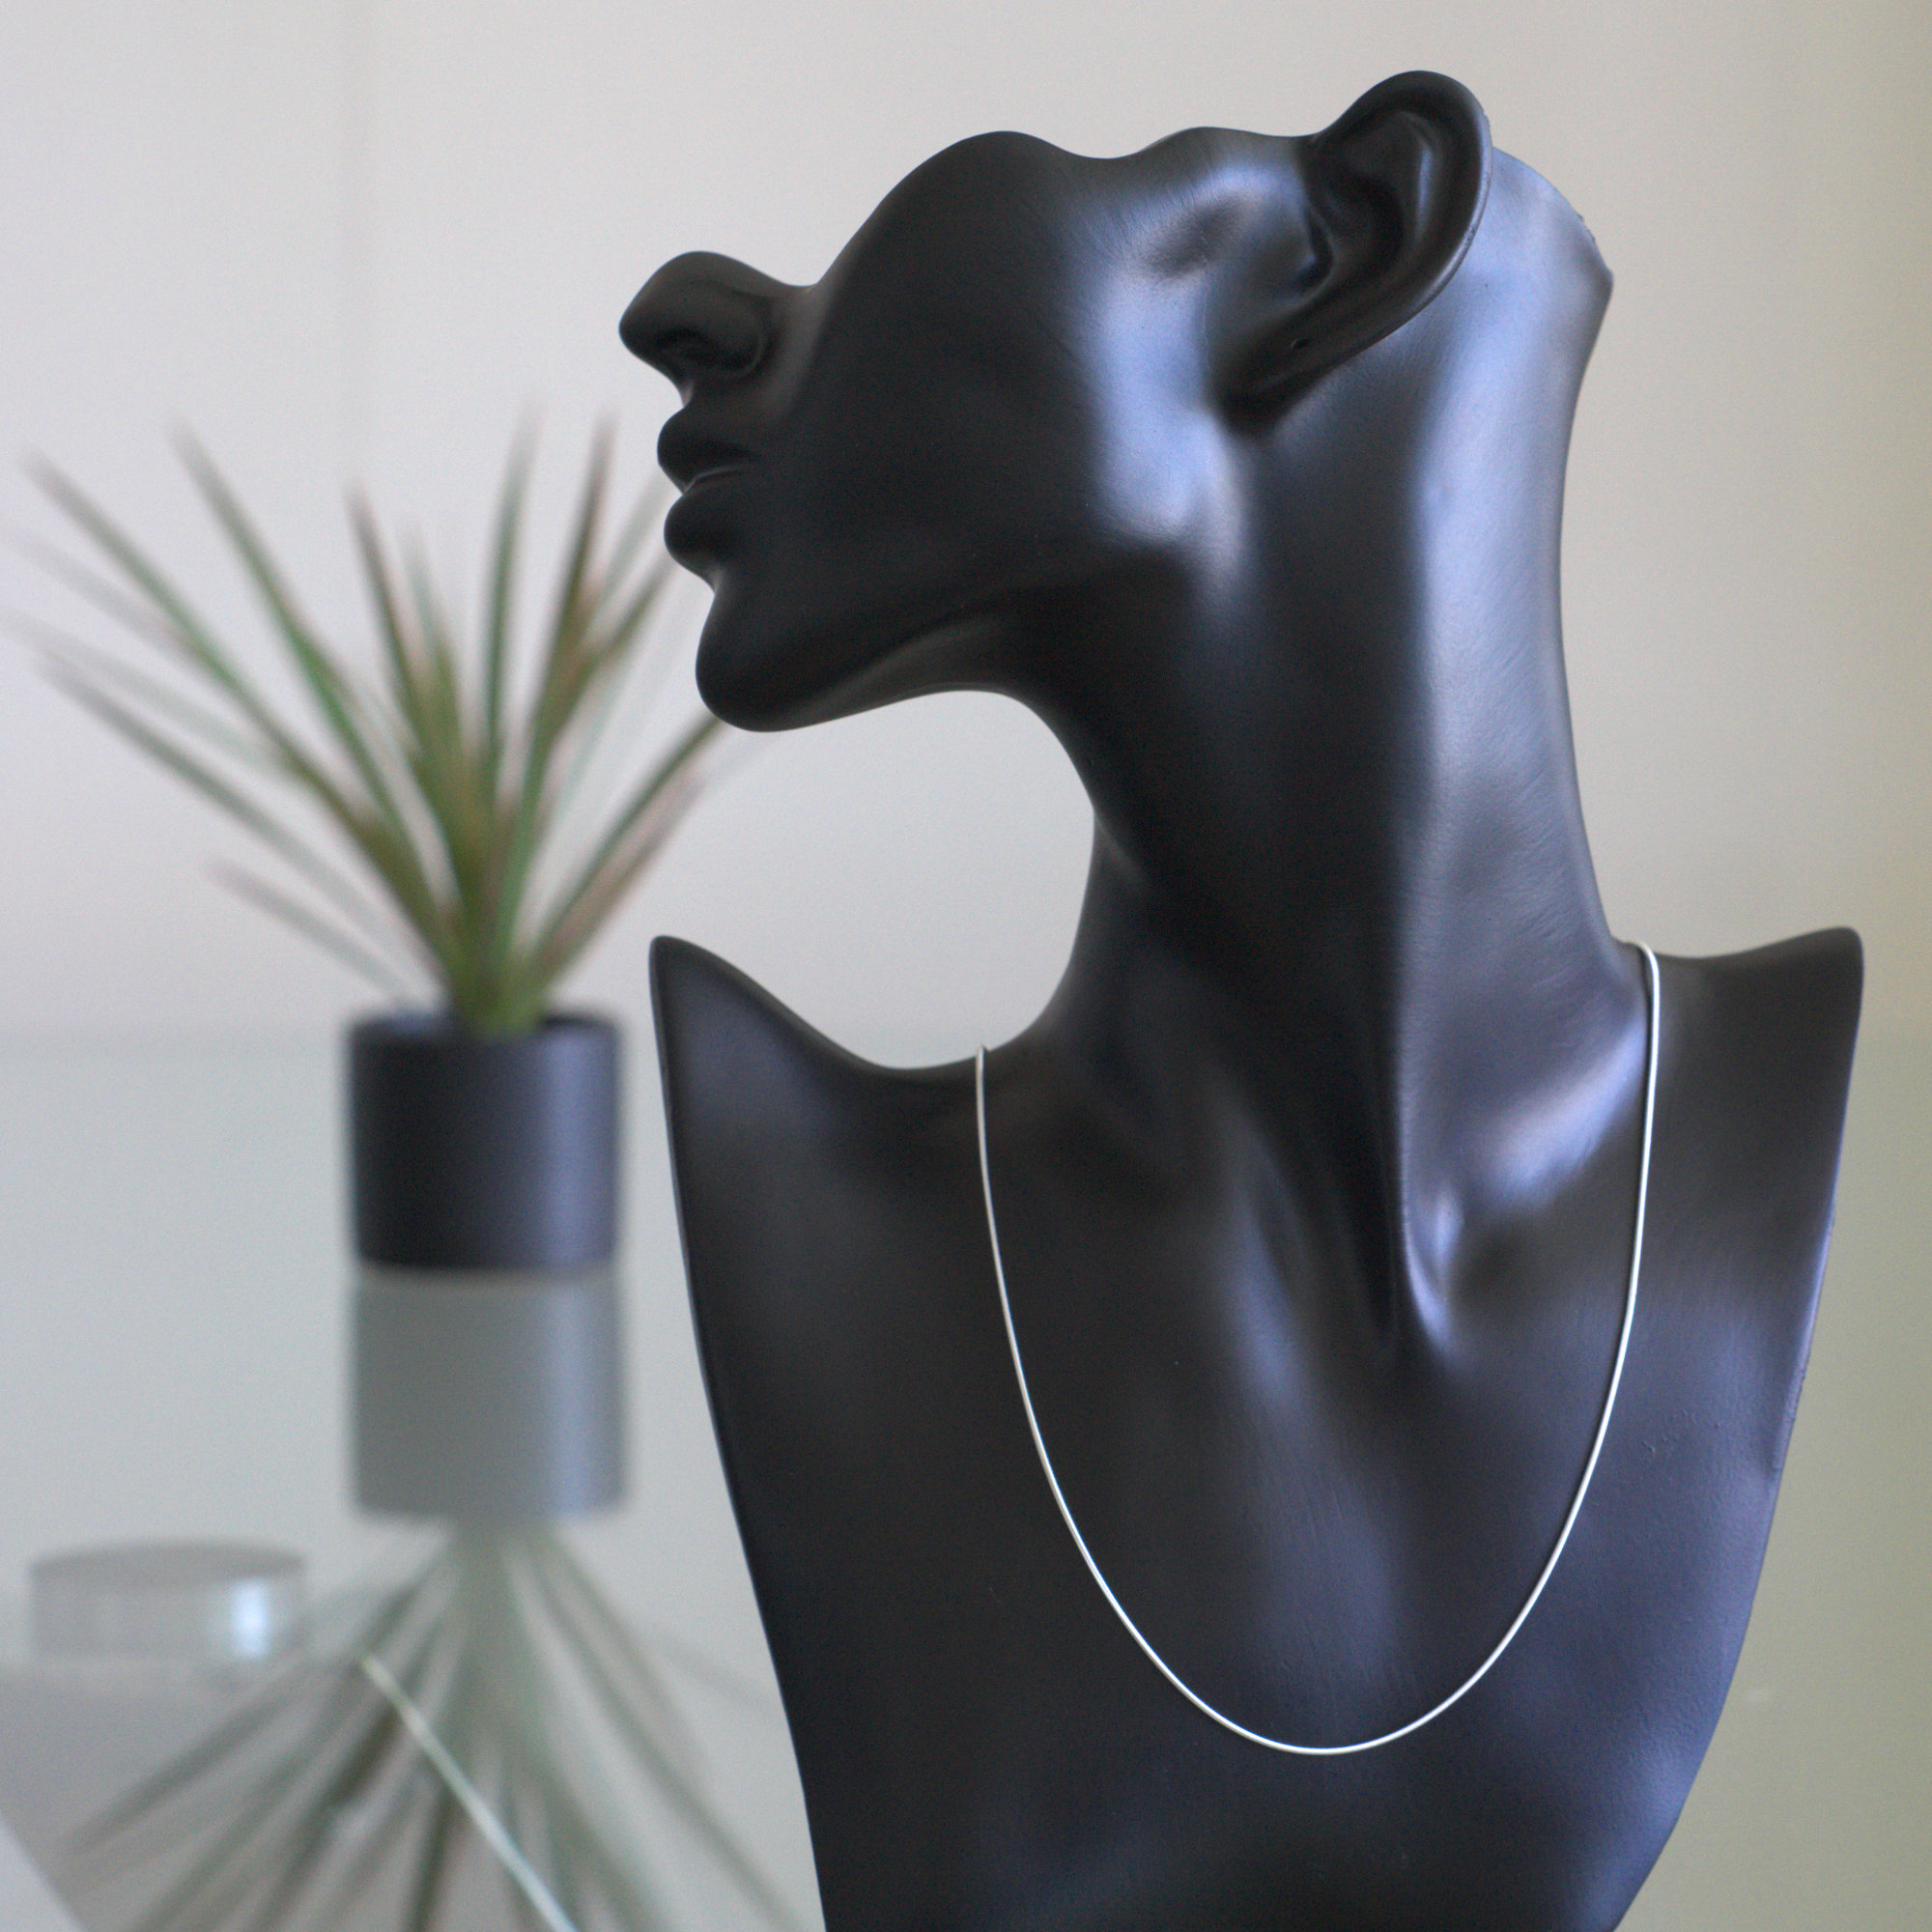 Zeta - Halsband sterling silver, lax ben, med glansig finish